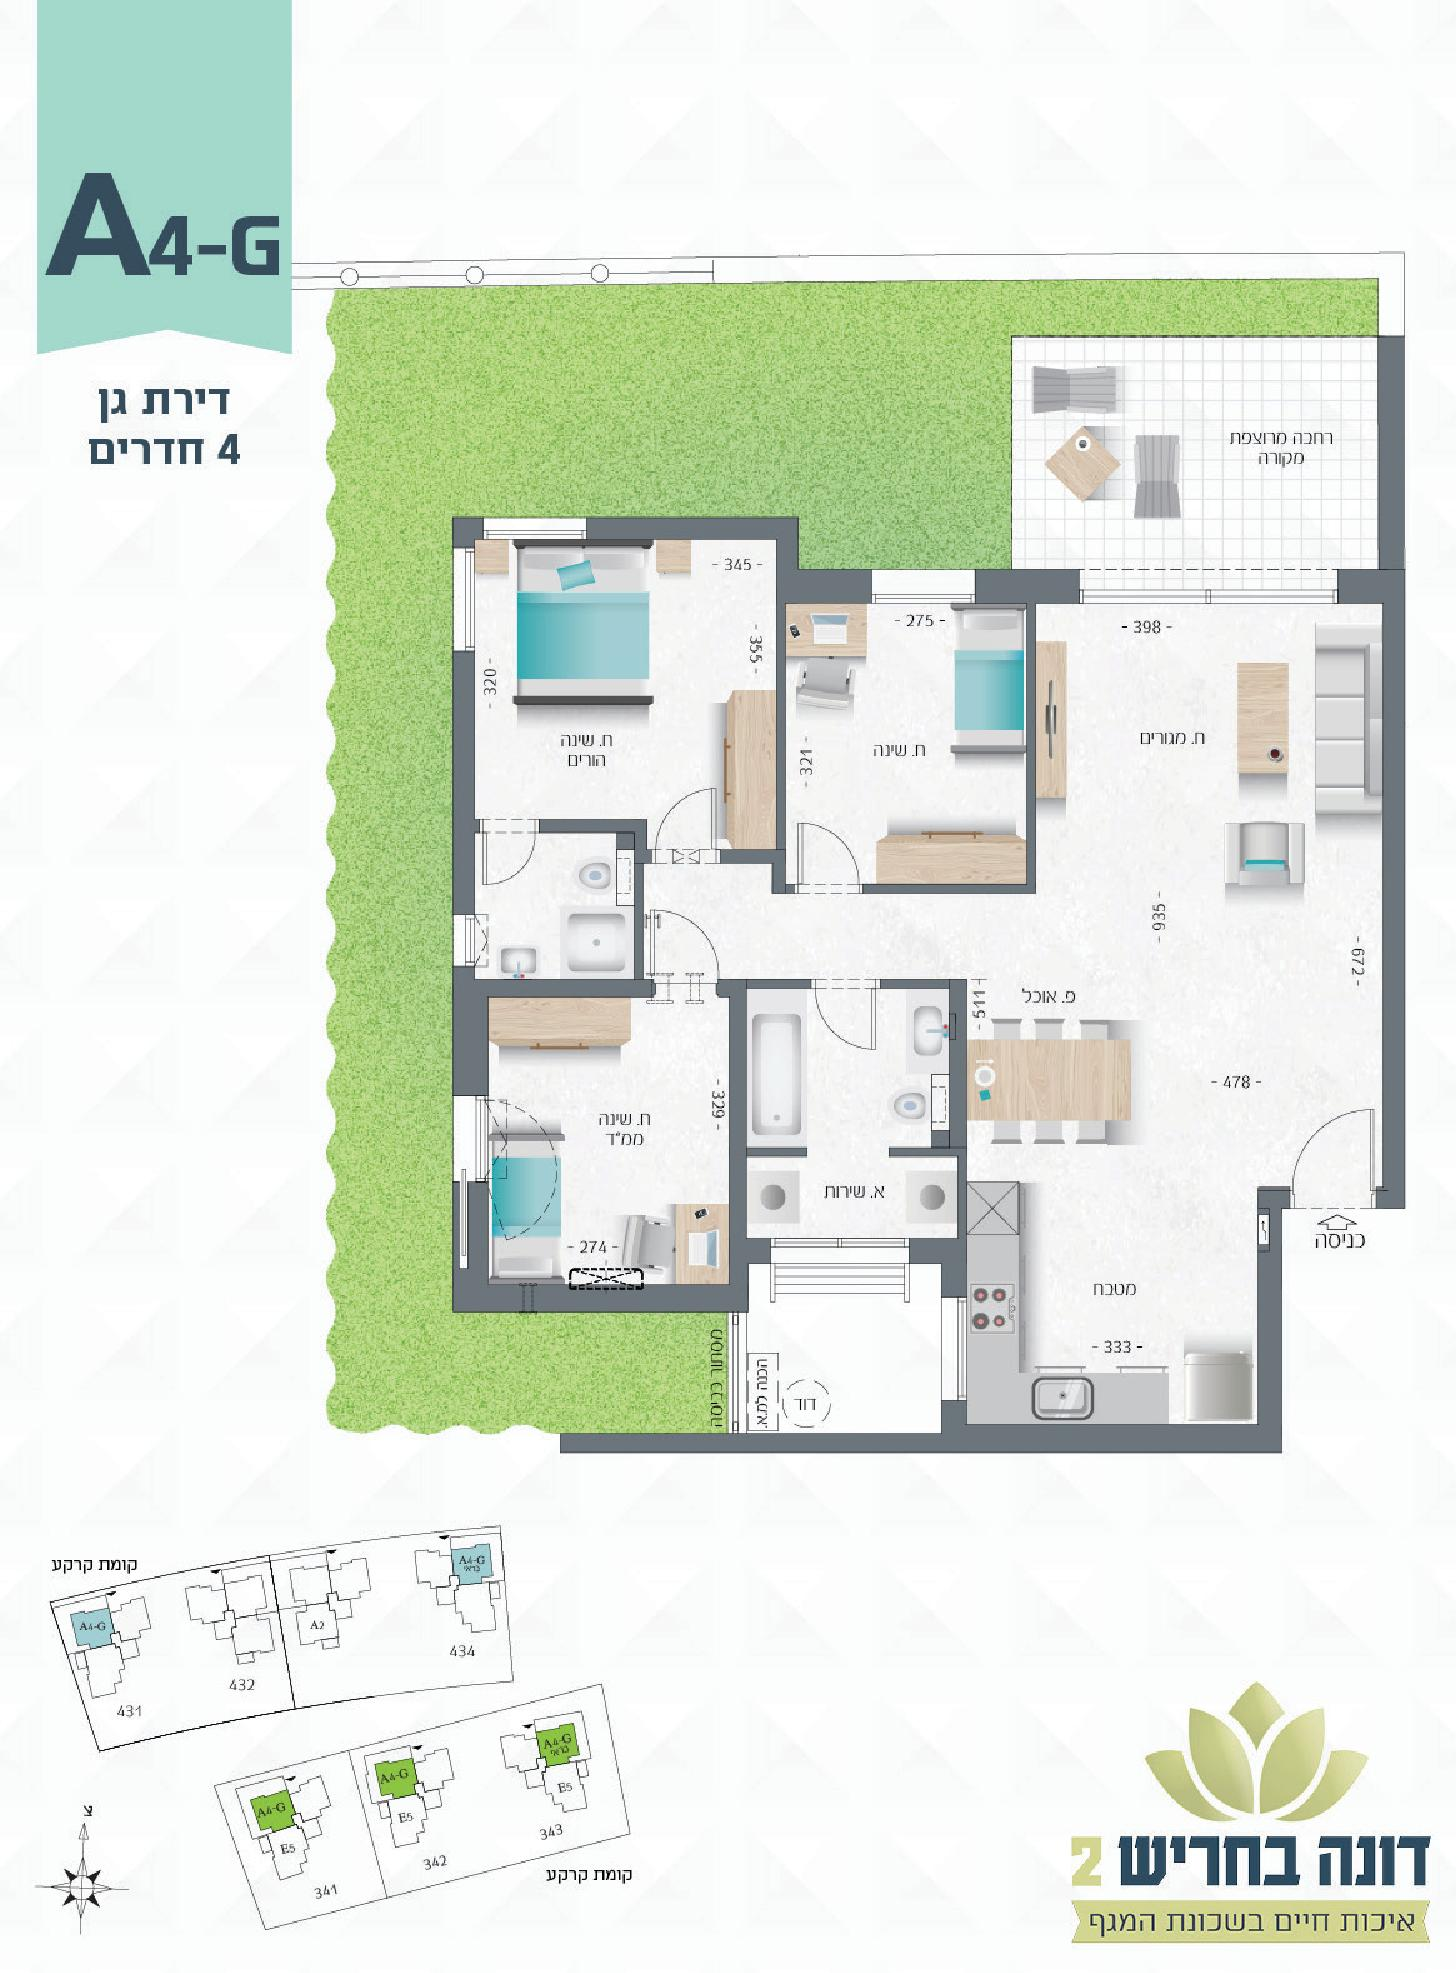 דירות גן 4 חדרים בחריש - A4